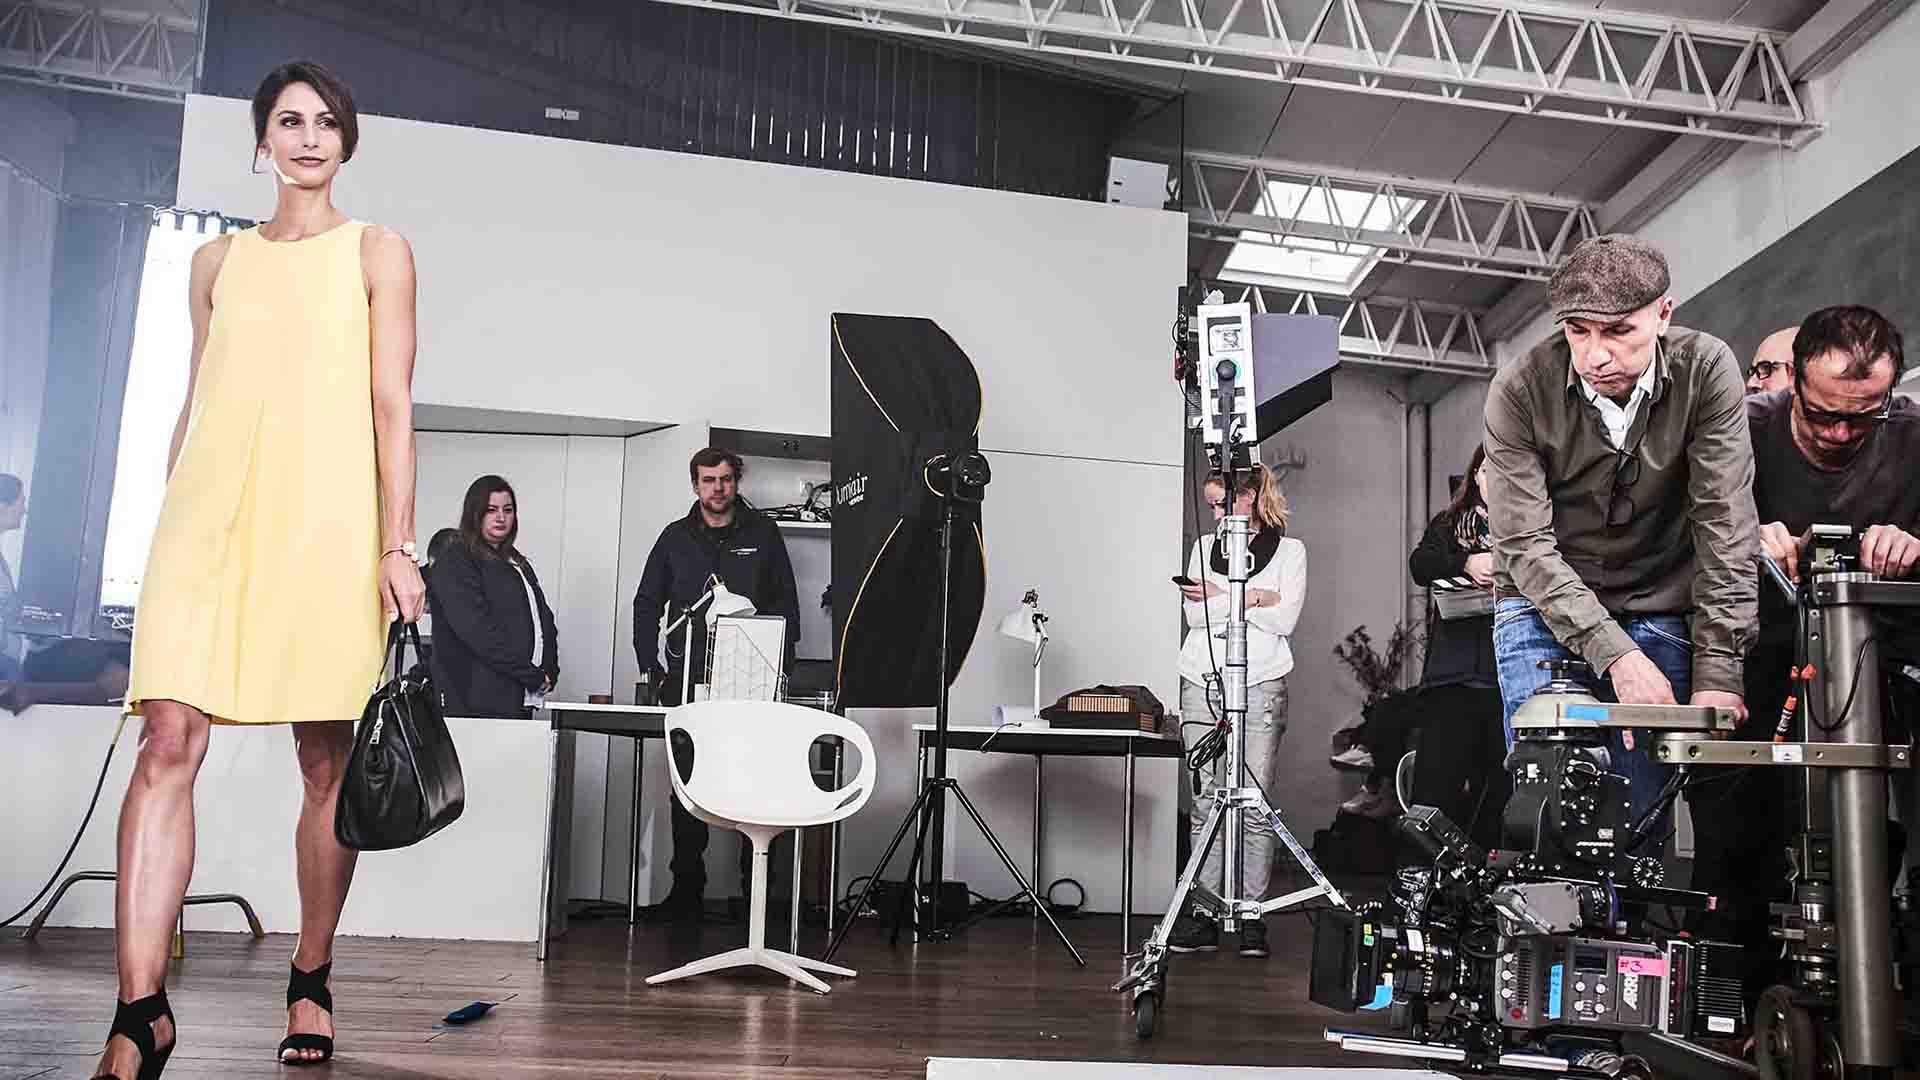 Das Bild zeigt eine Frau. Sie trägt ein gelbes Kleid und eine schwarze Handtasche. Neben ihr und hinter ihr sind viele Menschen. Diese gehören zu einem Kamerateam dass sie filmt. Das Bild dient als Sliderbild für den Portfolioeintrag MADELEINE Mode – DRTV Spot von Panda Pictures.